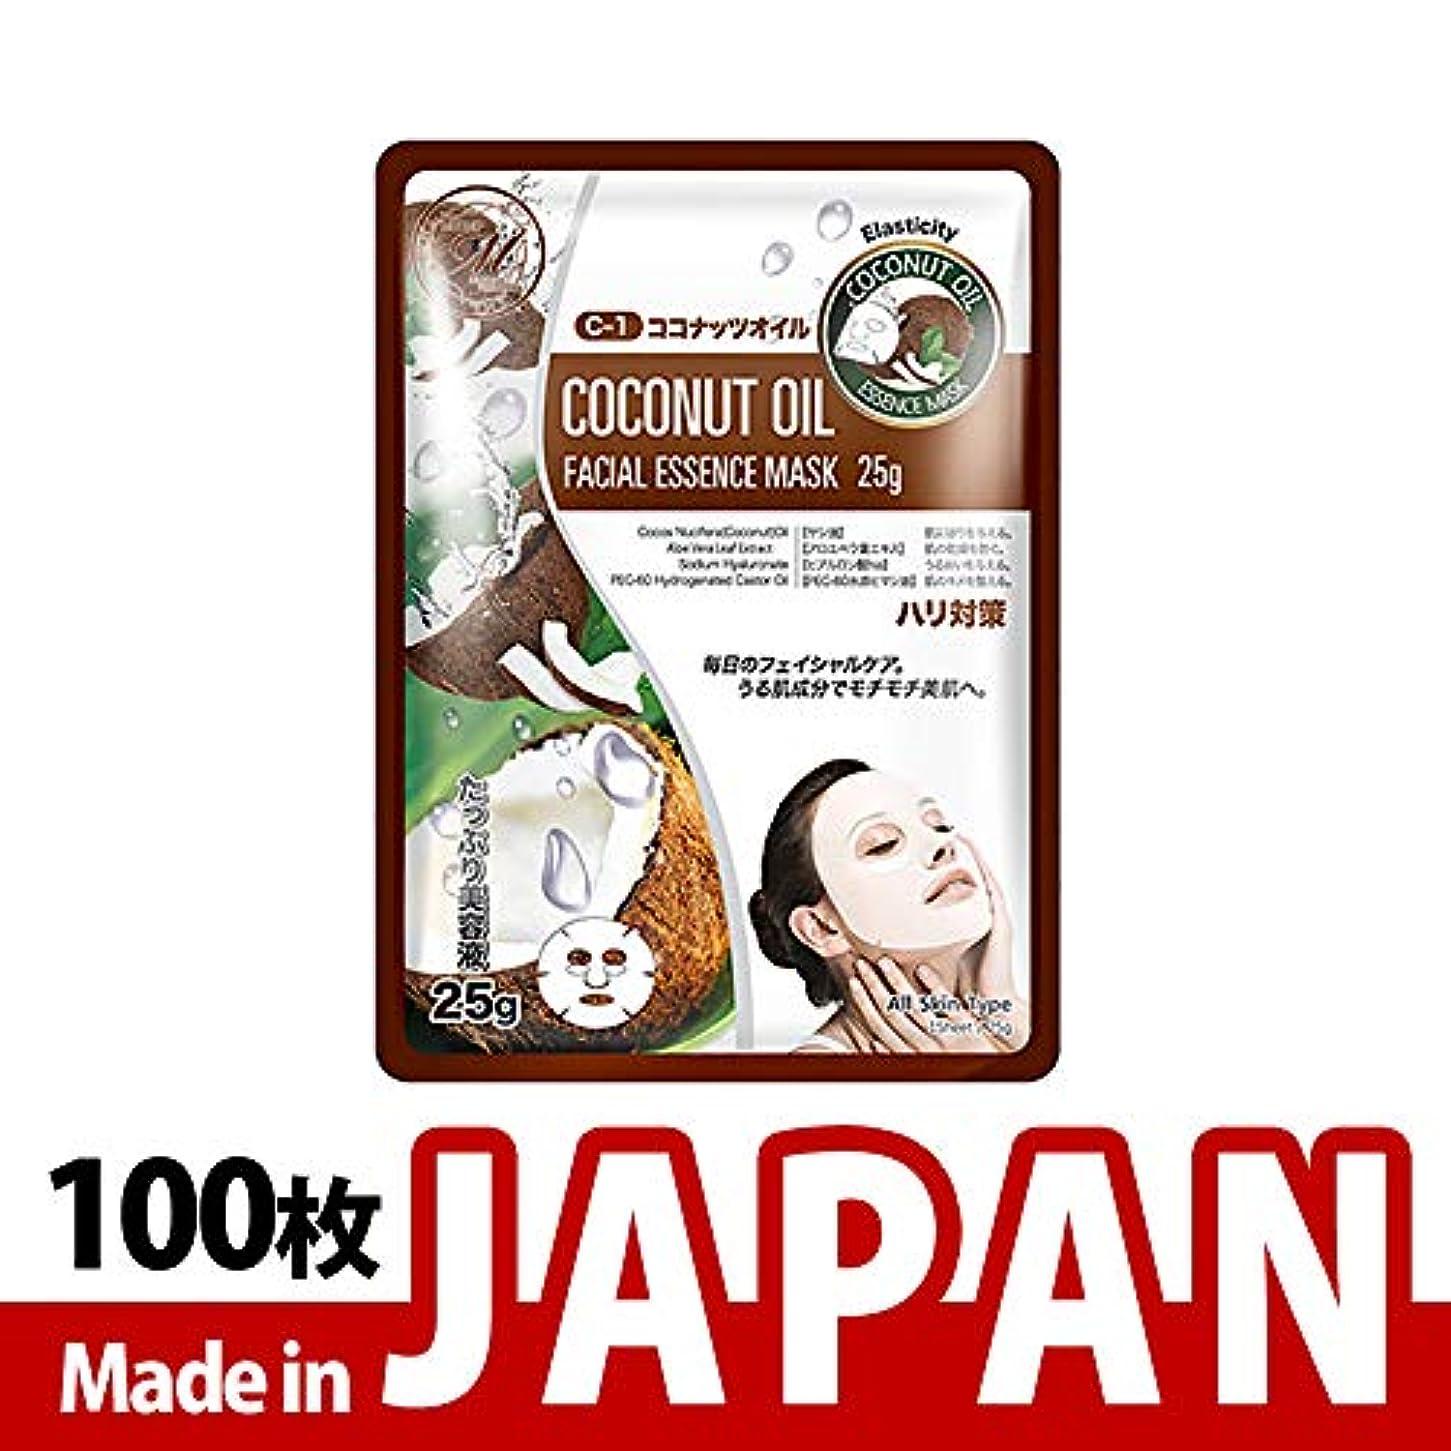 解任一般的に言えばいとこMITOMO日本製【MT512-C-1】シートマスク/10枚入り/100枚/美容液/マスクパック/送料無料